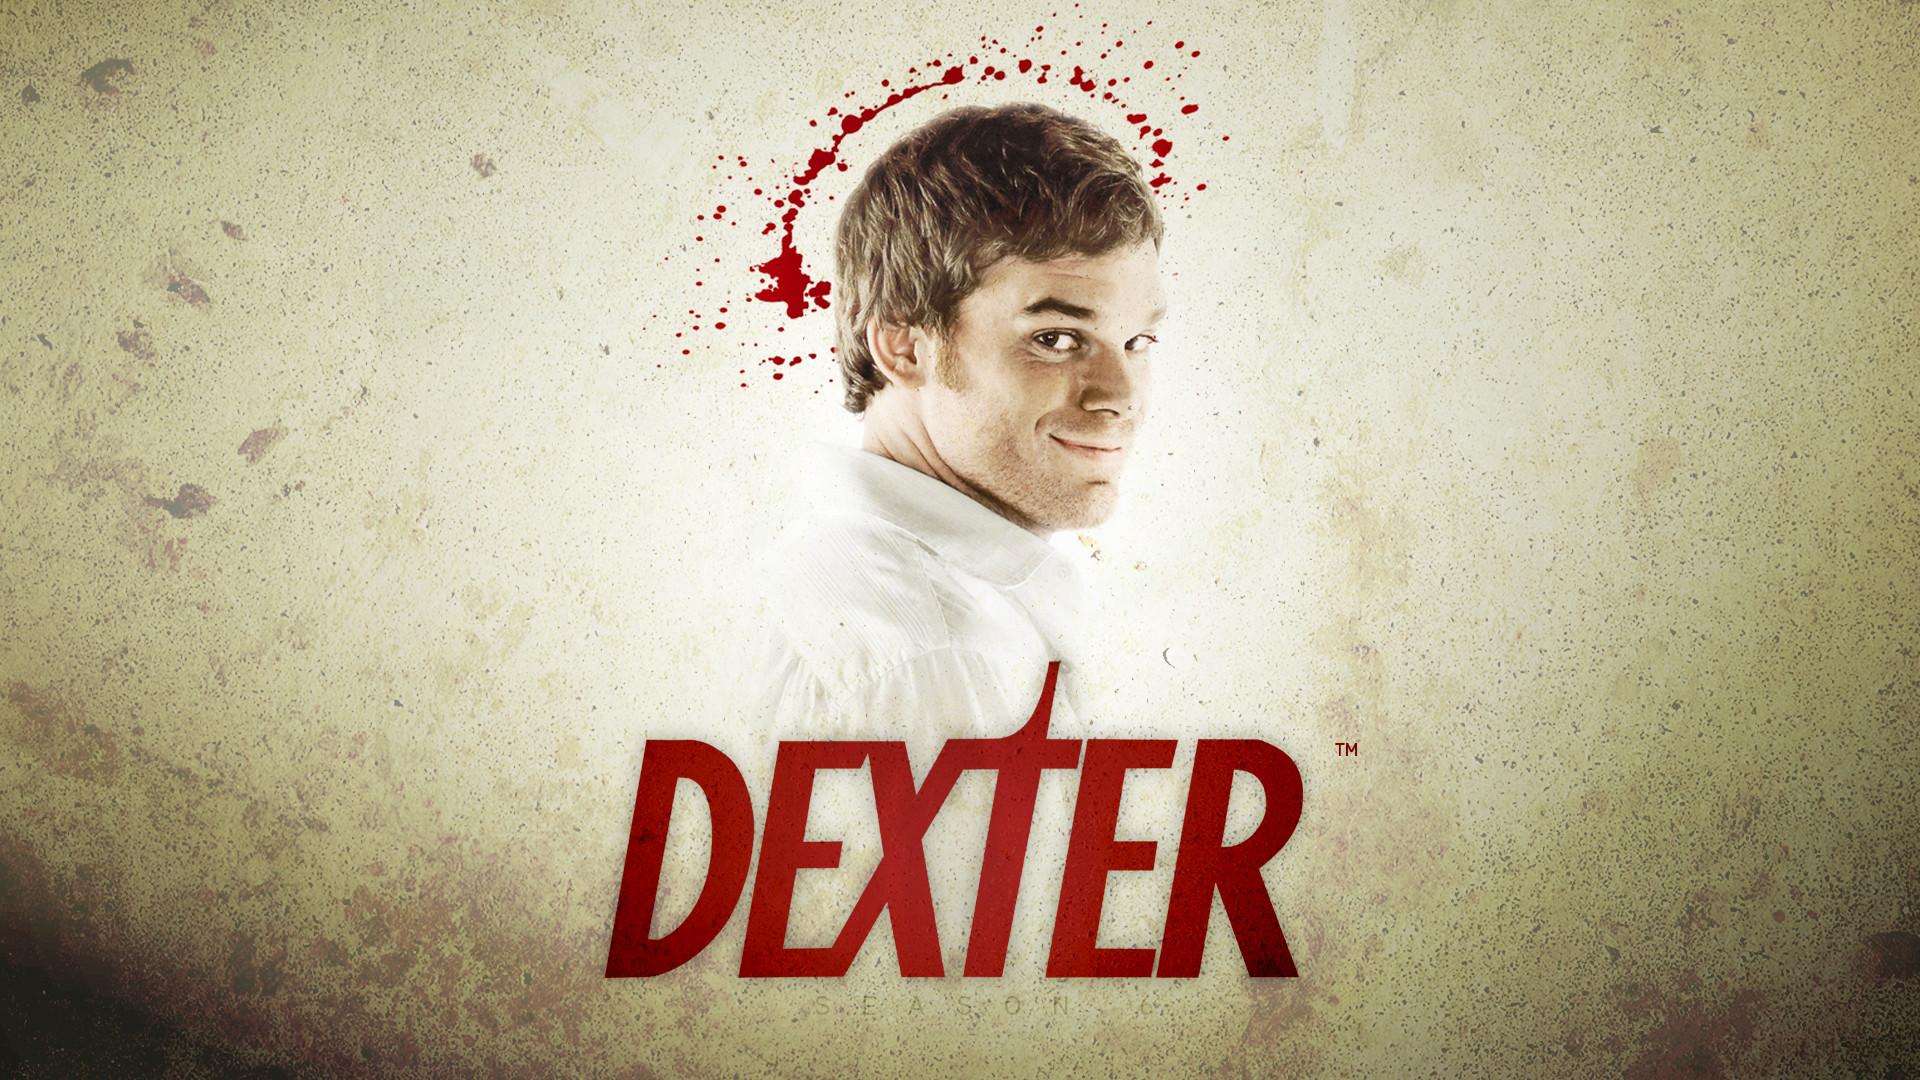 Image Gallery: dexter wallpaper